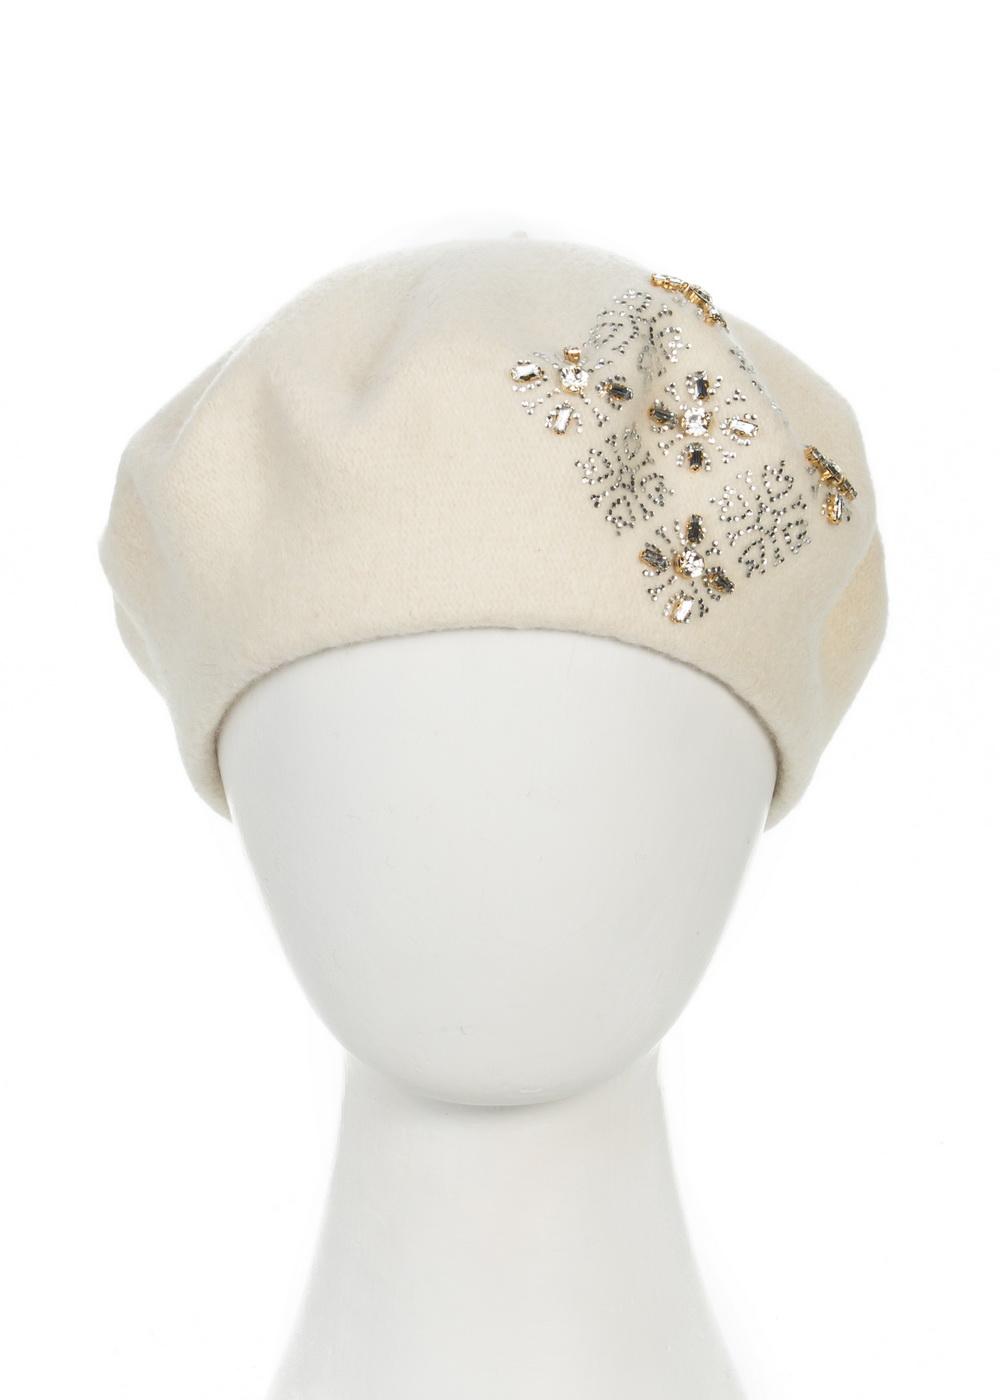 999048Теплый берет Avanta Illeria, выполненный из натуральной шерсти, отлично дополнит ваш образ в холодную погоду. Модель оформлена оригинальным узором выложенным из страз и камней. Такой берет, составит идеальный комплект с модной верхней одеждой, в нем вам будет уютно и тепло! Уважаемые клиенты! Размер, доступный для заказа, является обхватом головы.